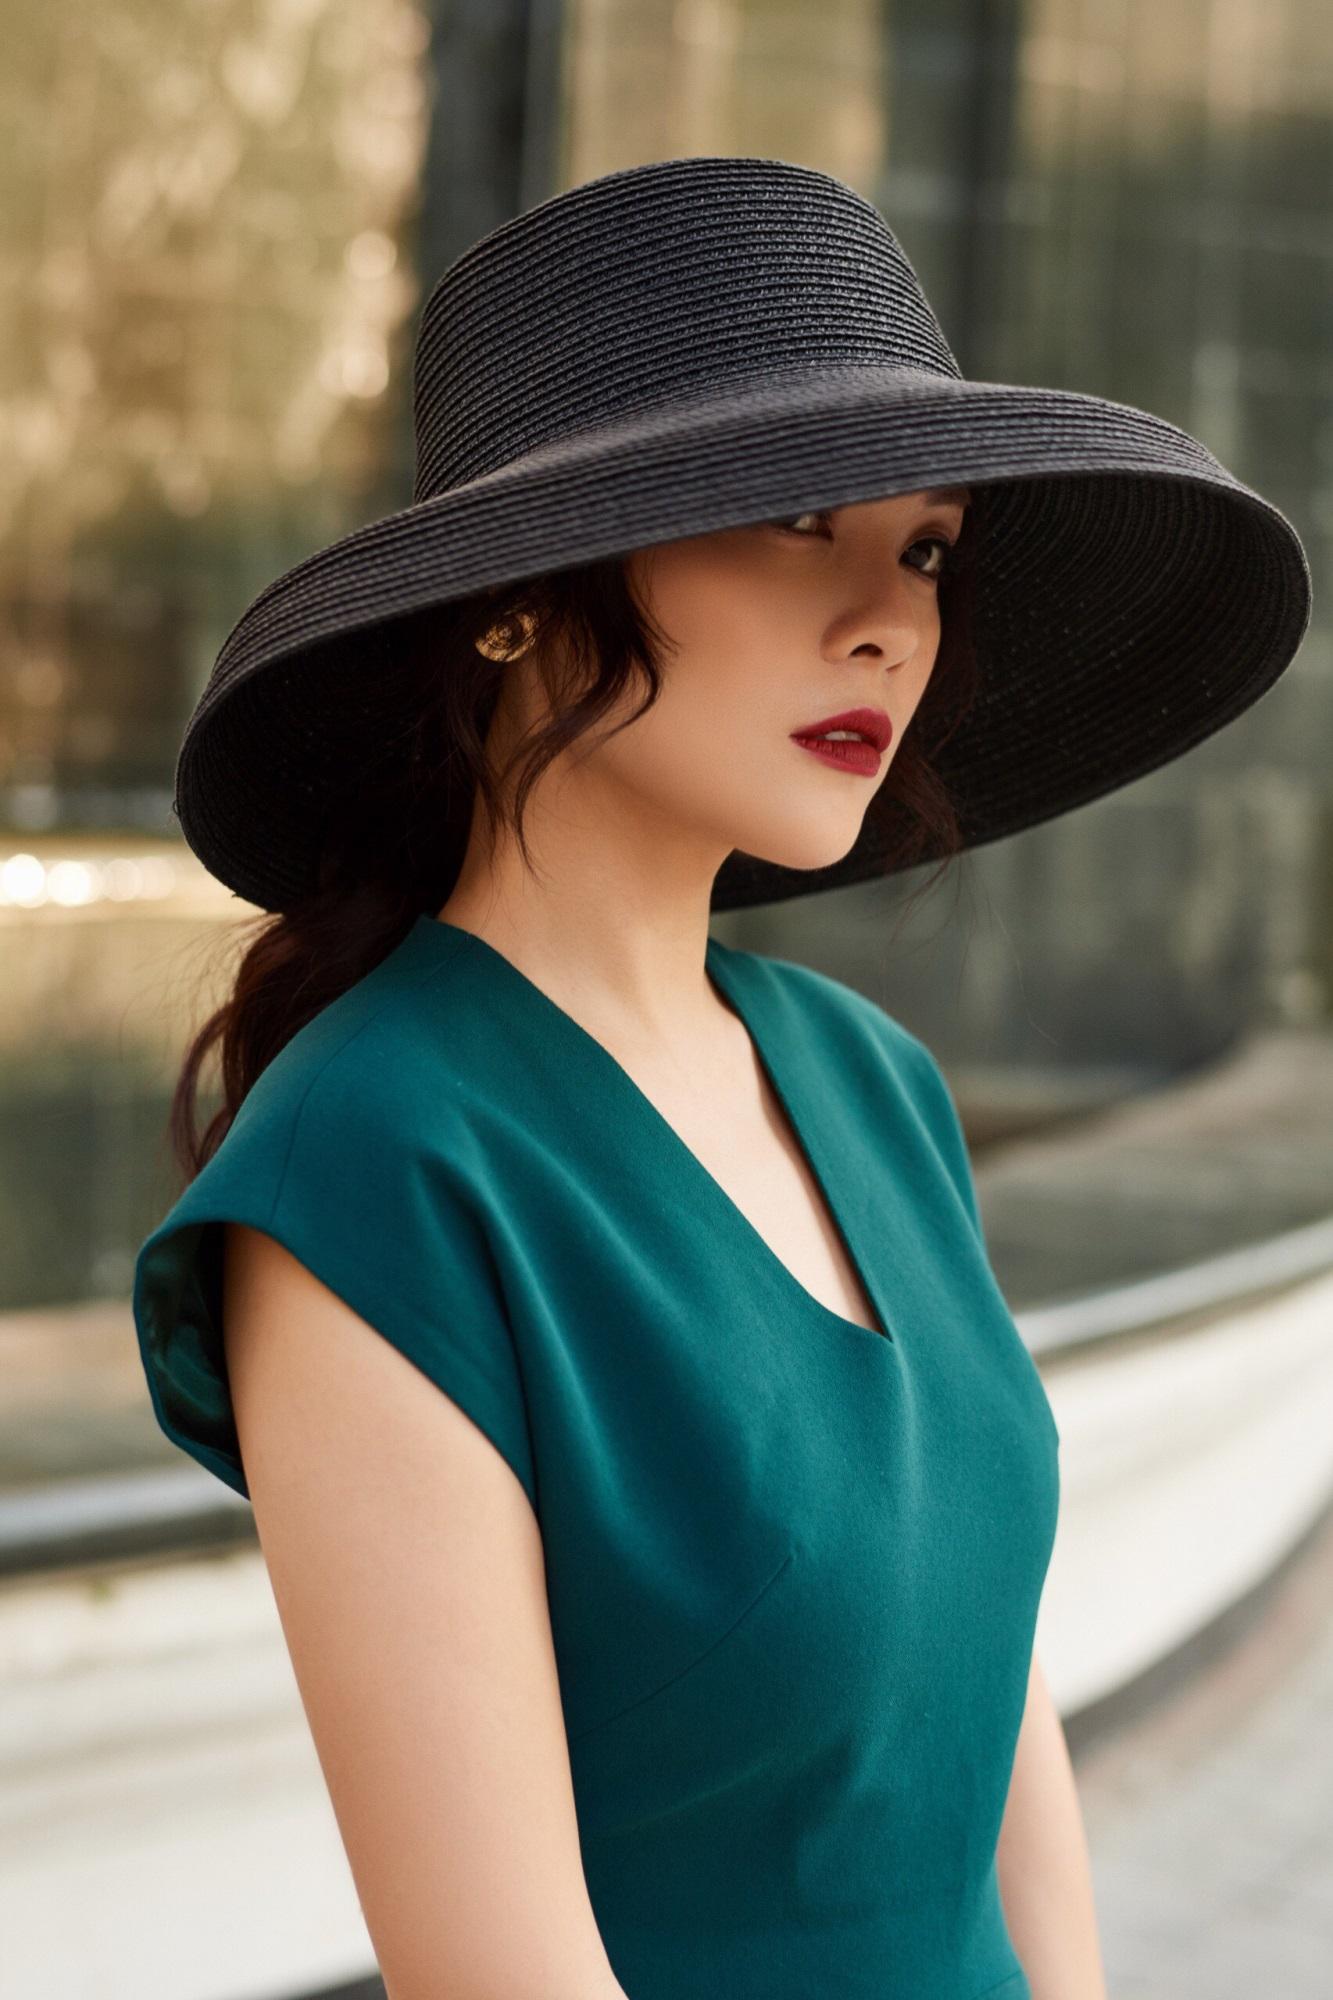 'Bà mẹ đơn thân' Dương Cẩm Lynh khoe nhan sắc rạng ngời với street style sang trọng - Ảnh 9